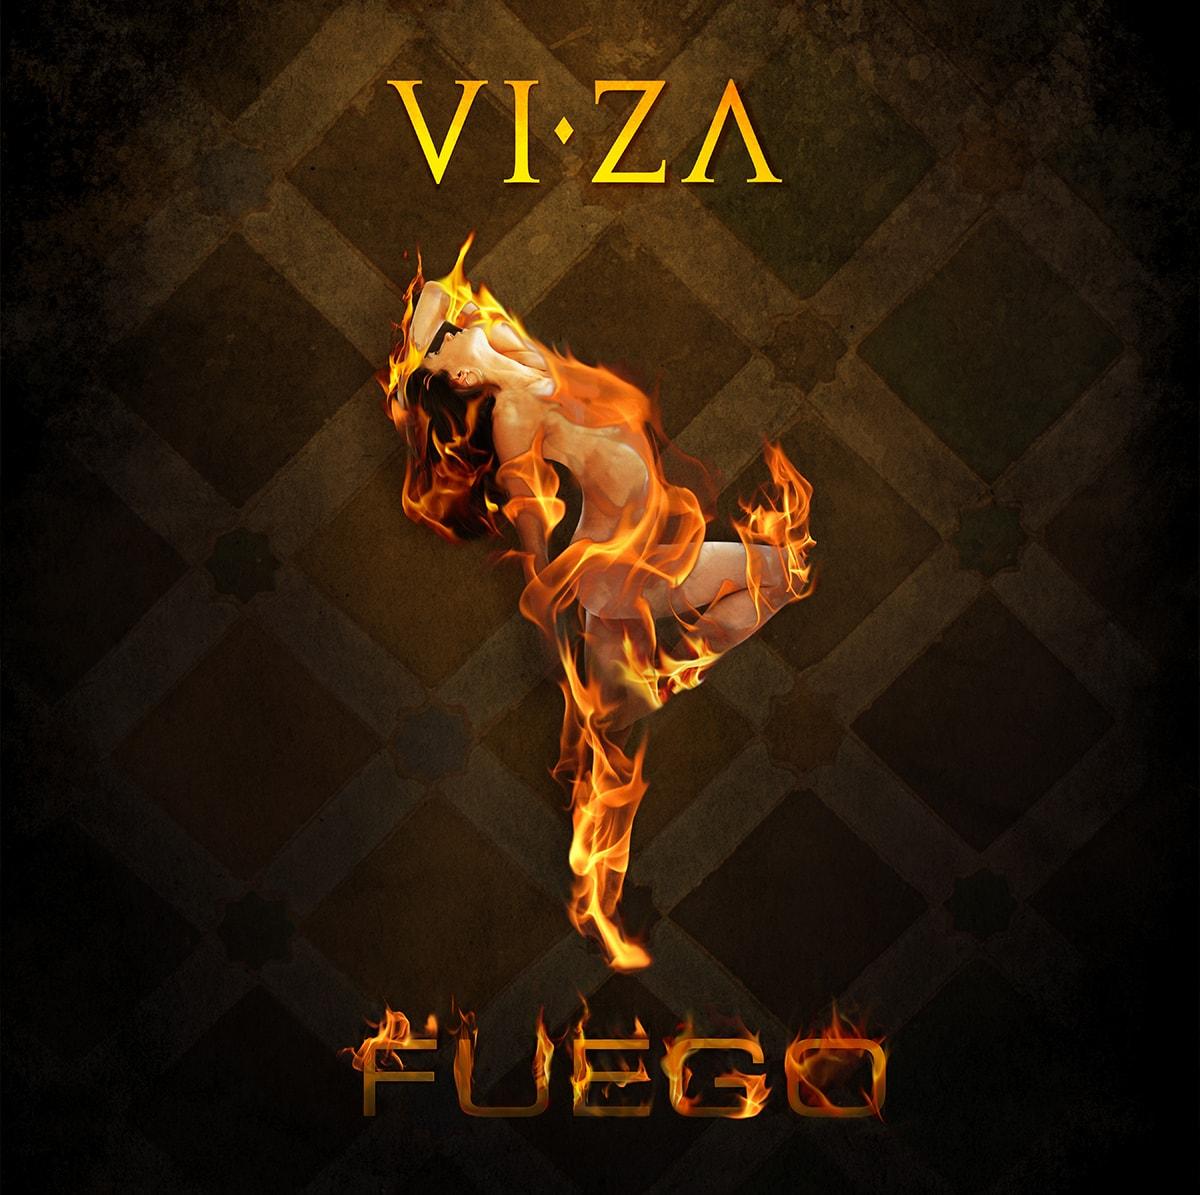 FUEGO – single